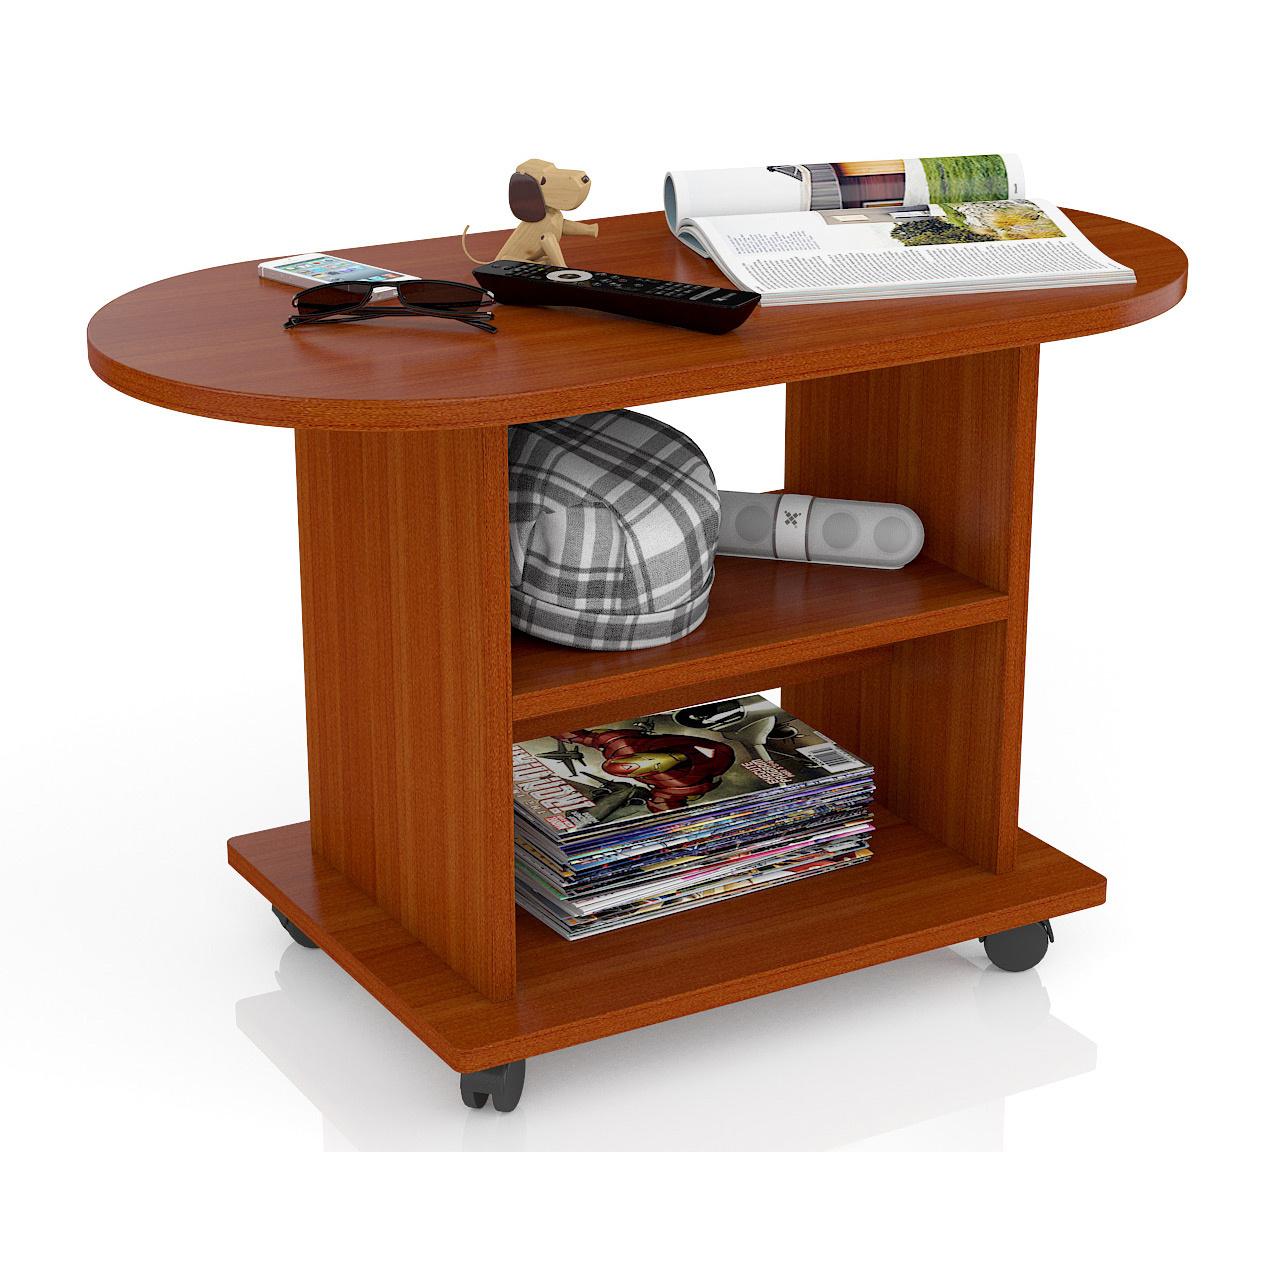 Журнальный столик Мебельный Двор МД-СЖ-1 82х42х52 см, яблоня фото